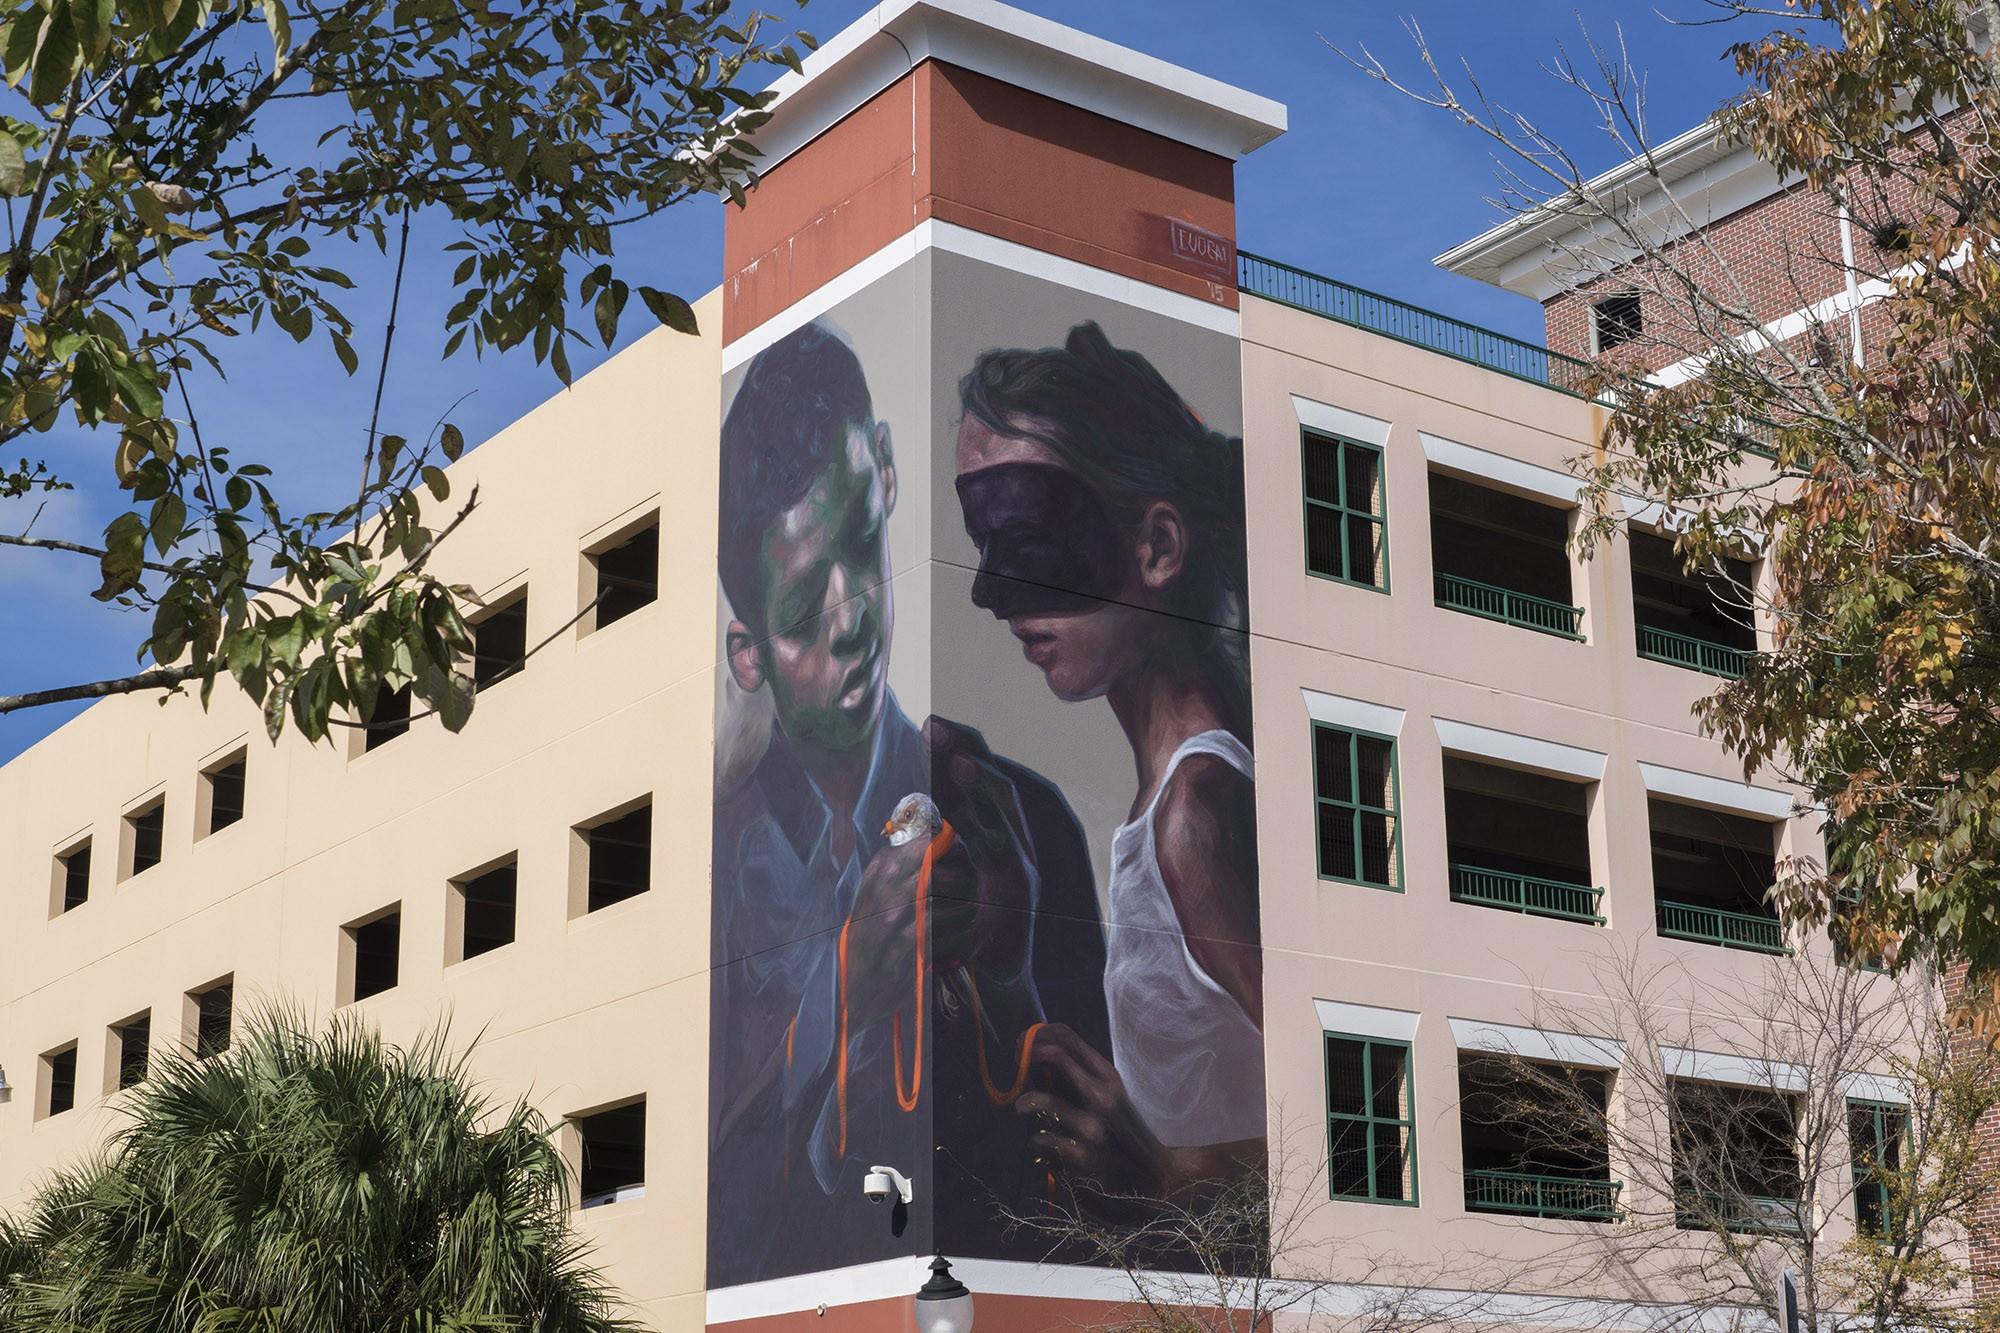 Evoca1 n 352 walls Gainesville_9